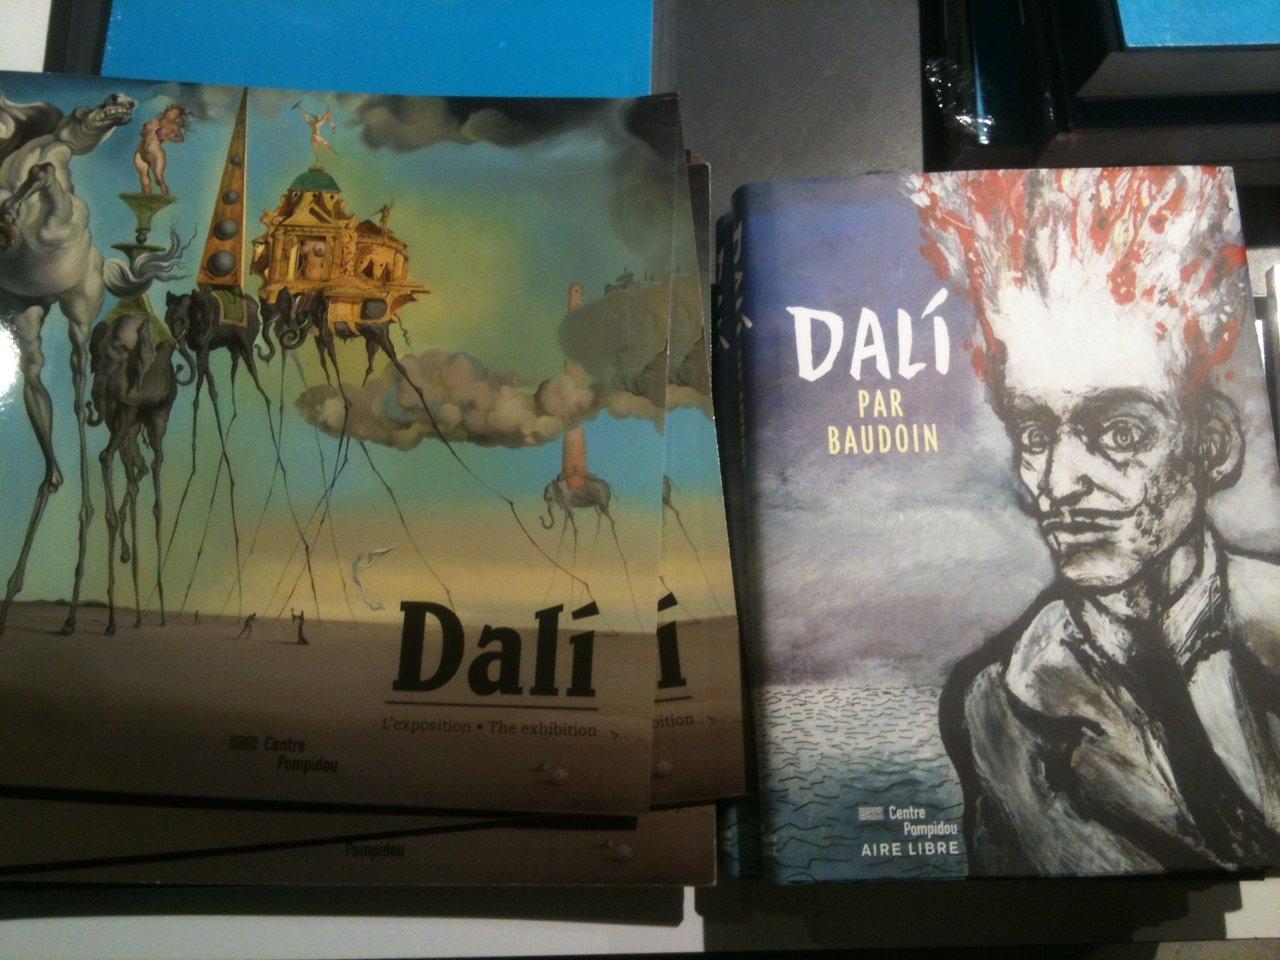 Сувениры к выставке работ Сальвадора Дали в центре искусств Pompidou